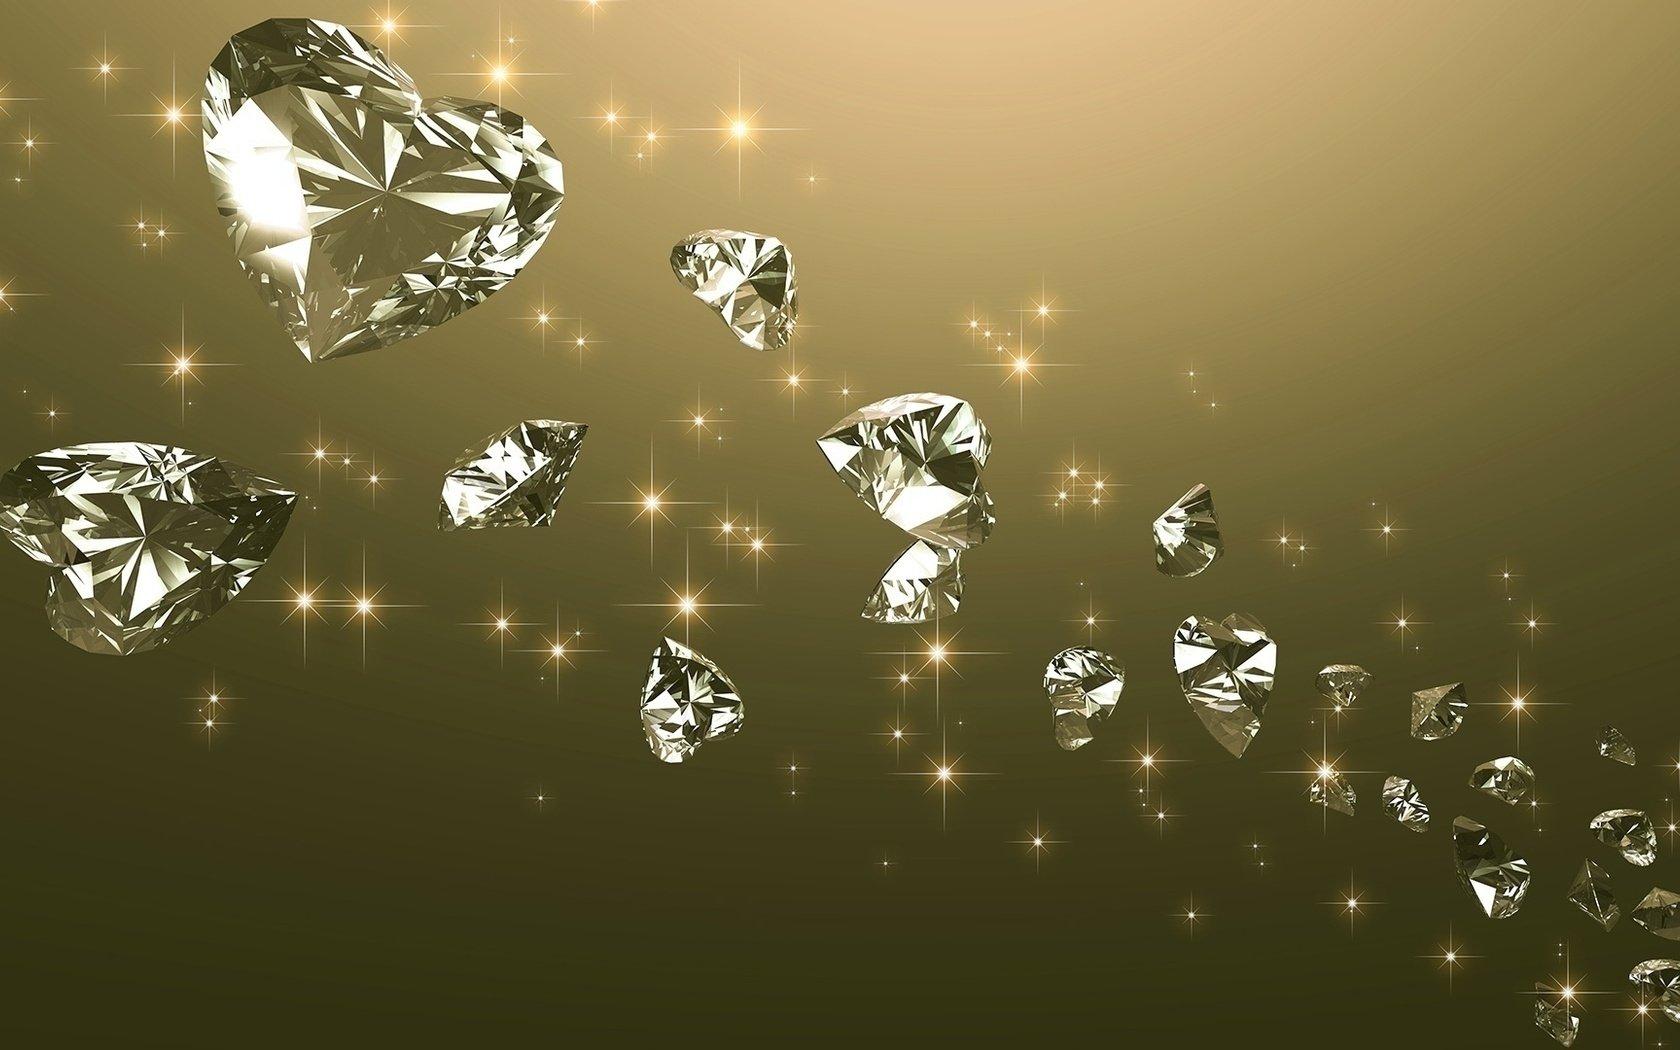 节日 - 情人节  Diamond Diamonds 爱 Romantic 壁纸